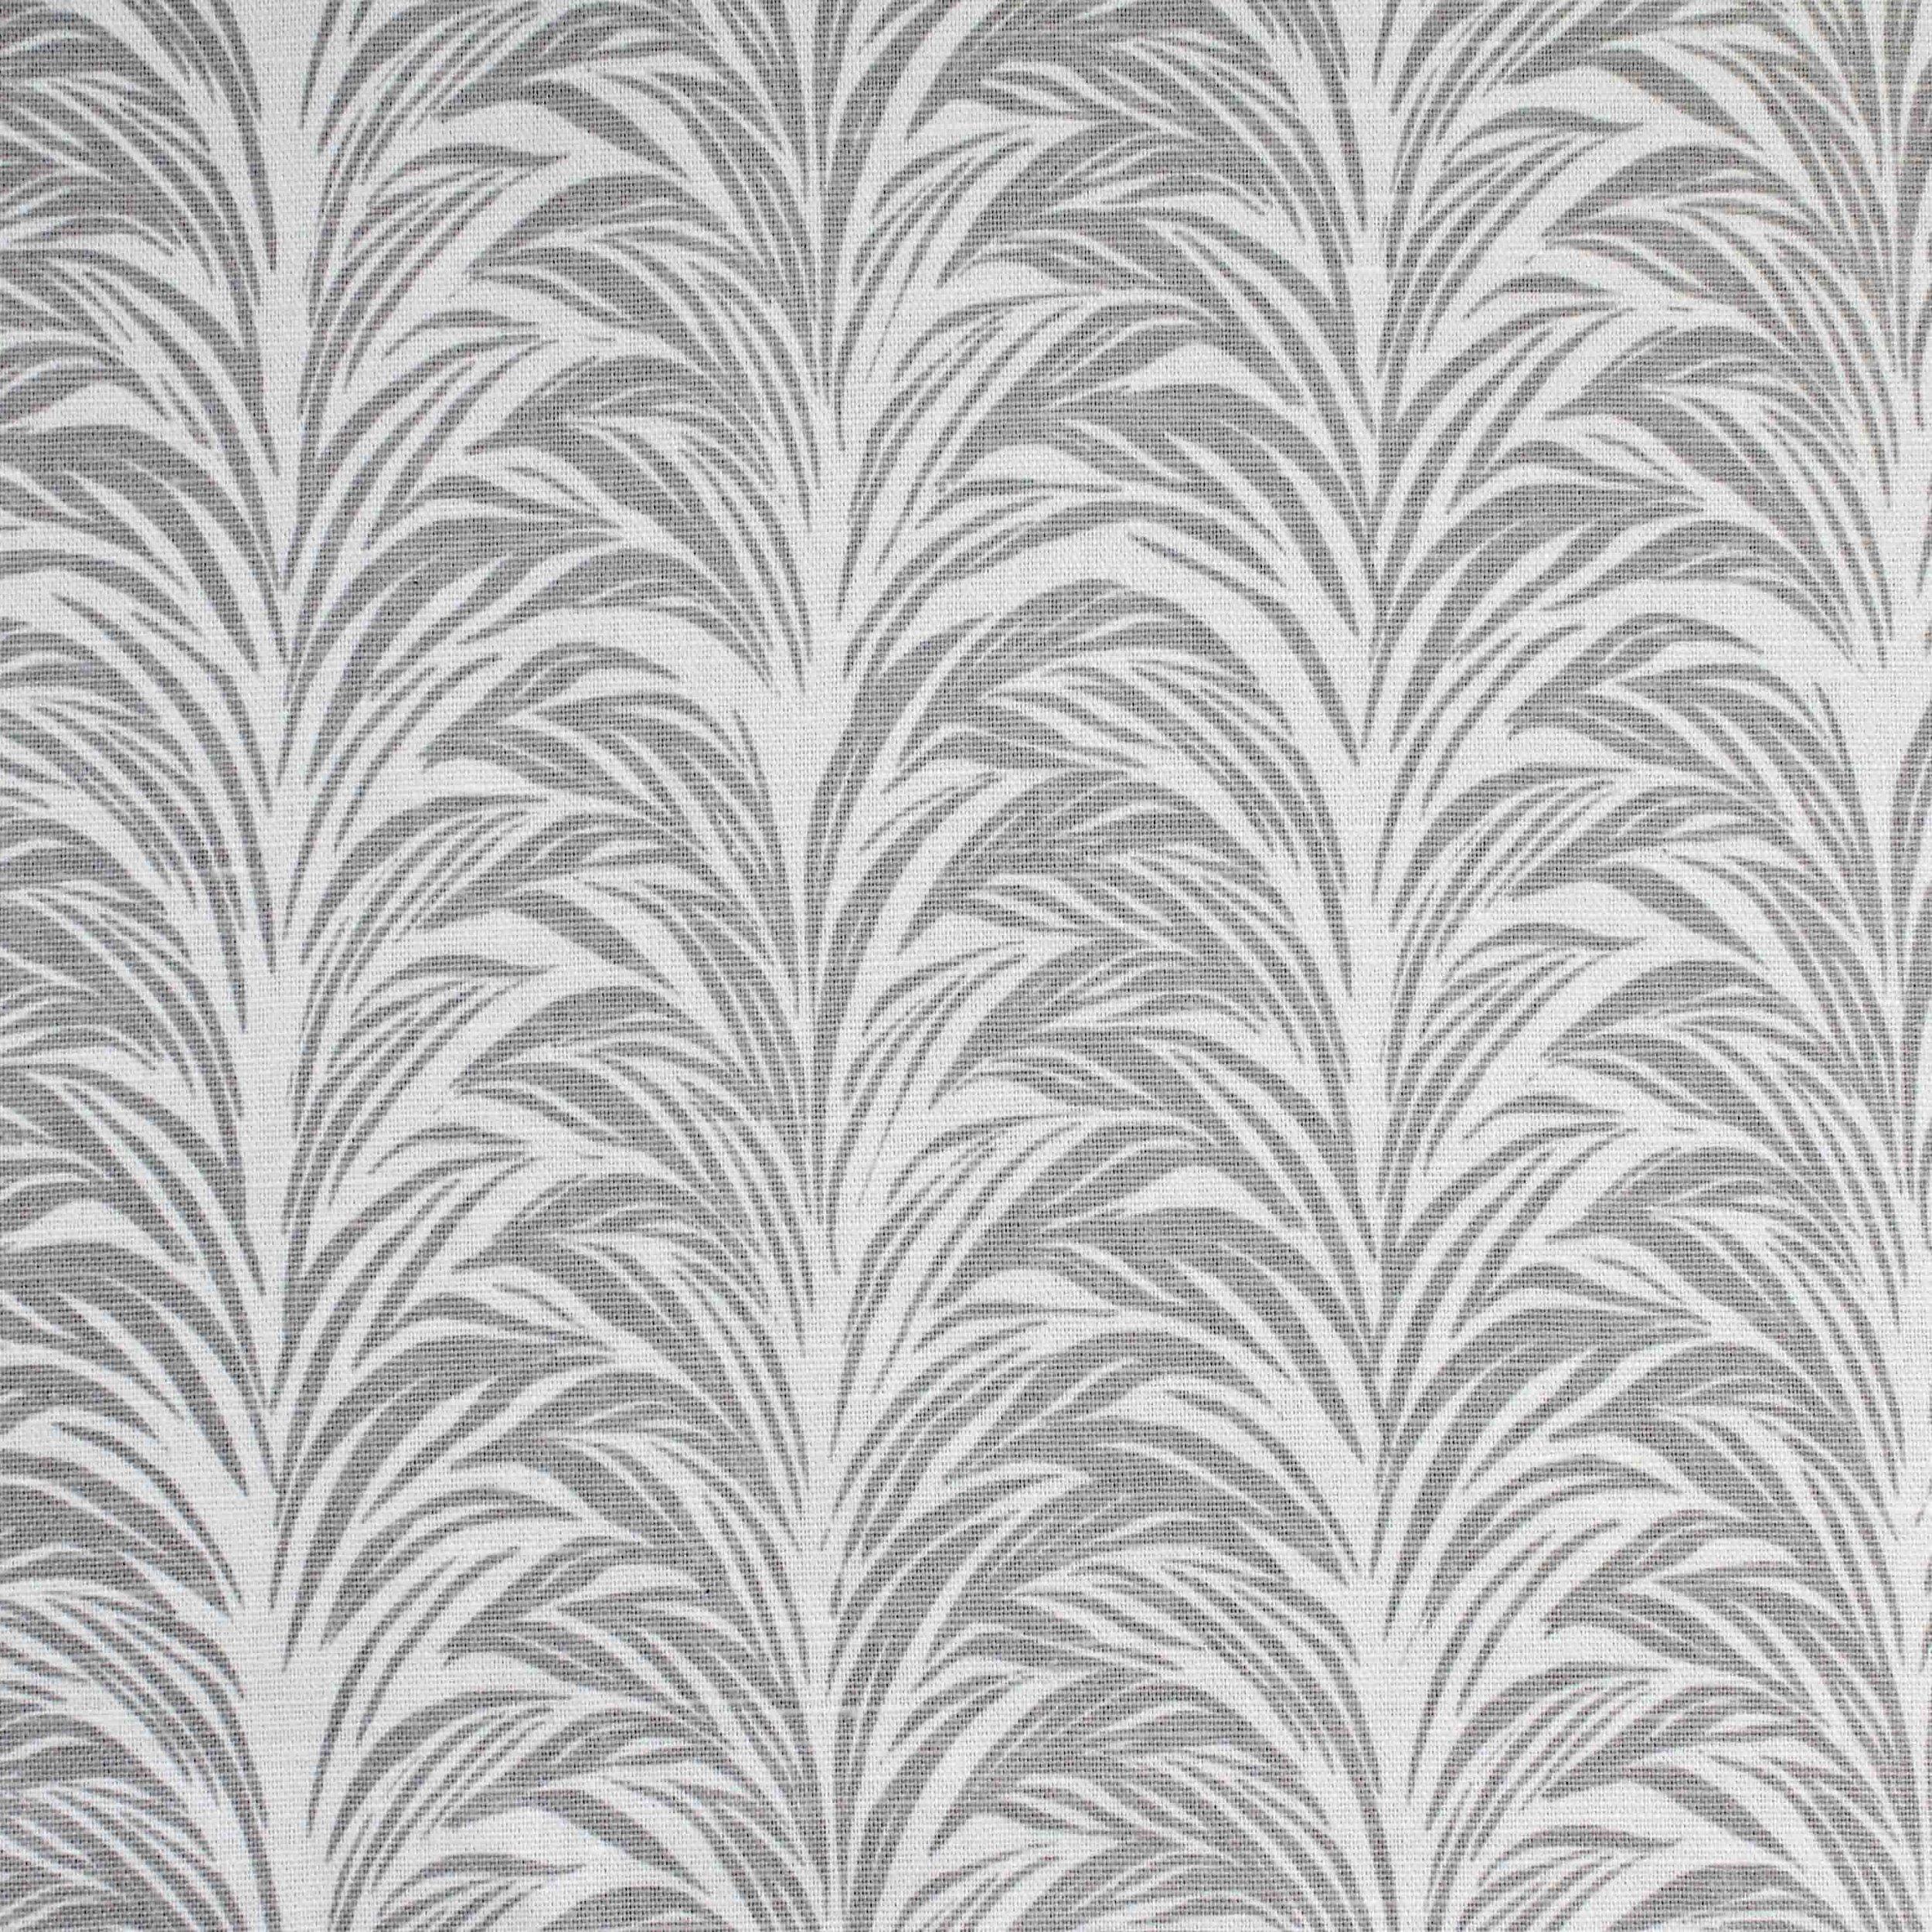 ZEBRA FERN I PEBBLE *Indoor/Outdoor Fabric